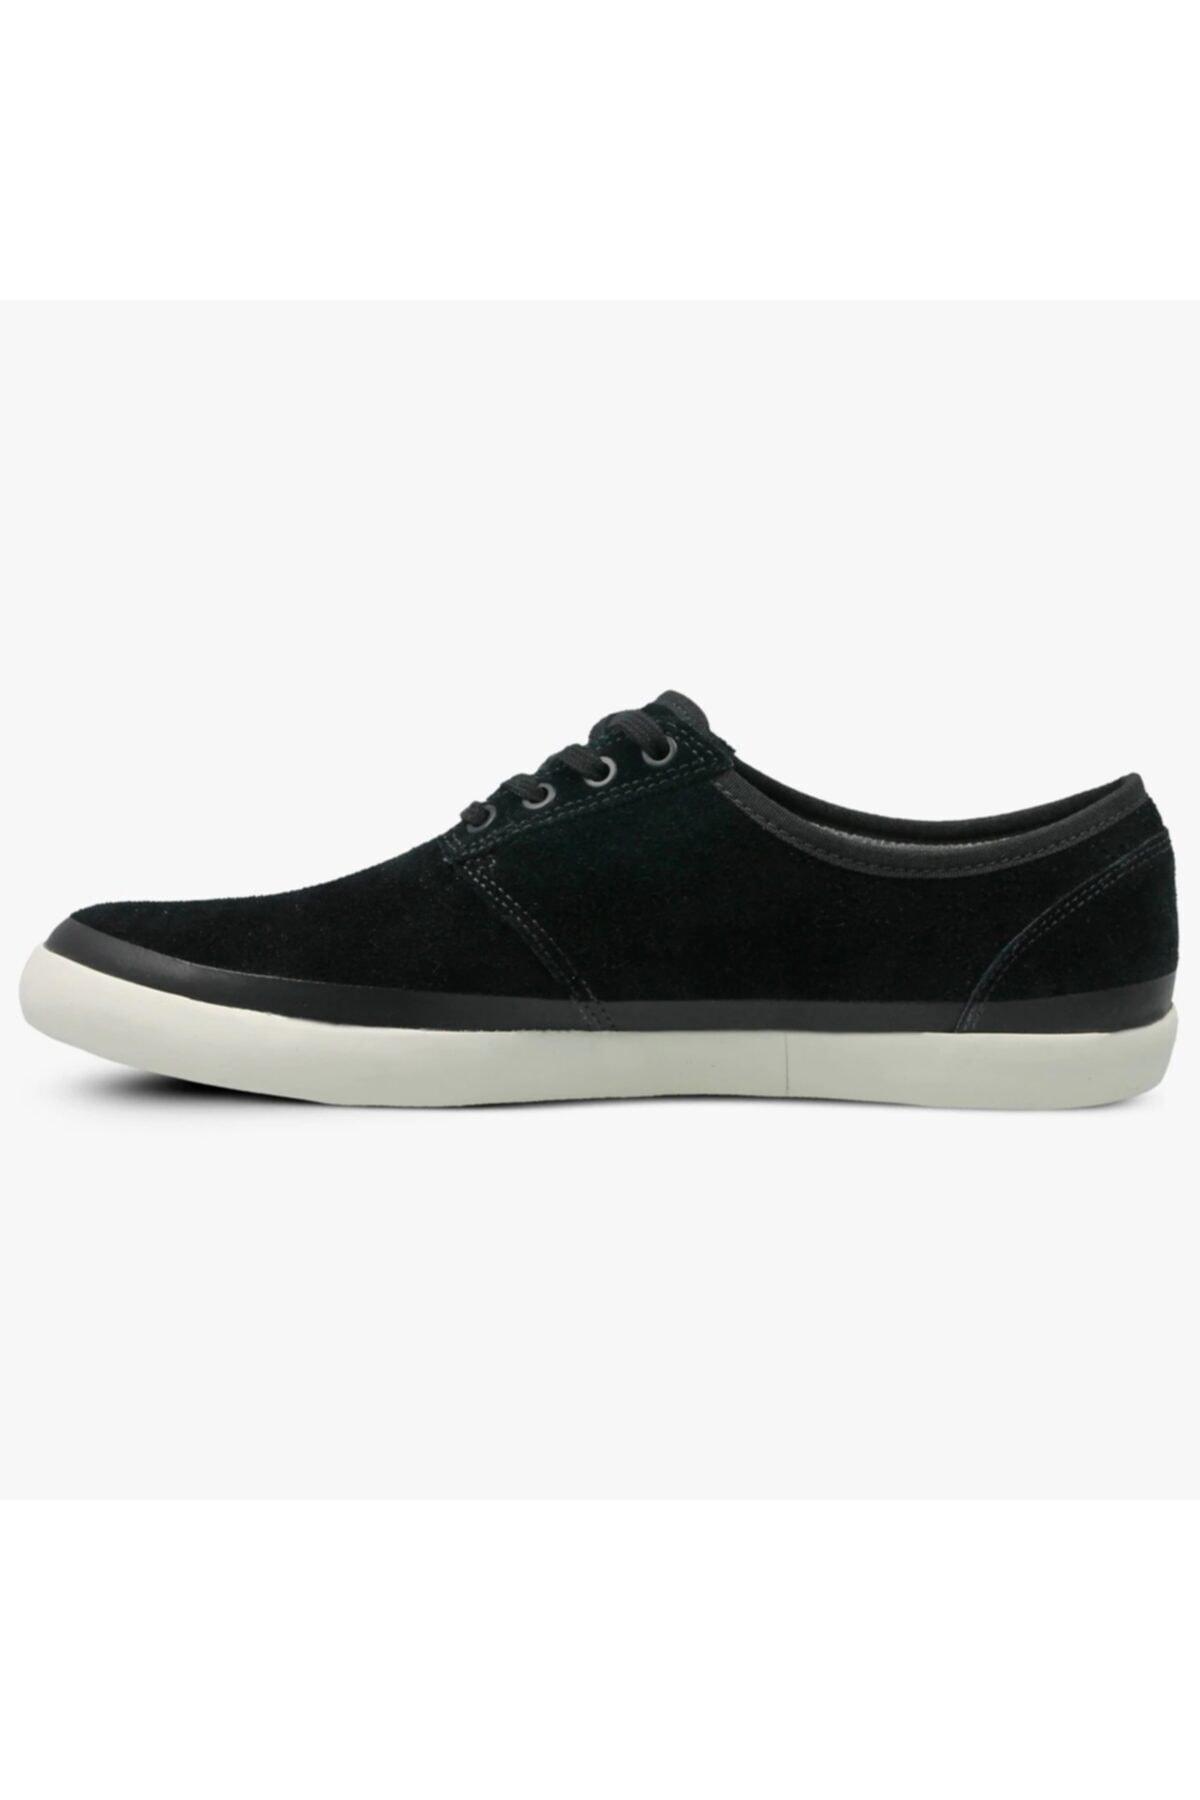 CLARKS Erkek Siyah Ayakkabı 26132749 2